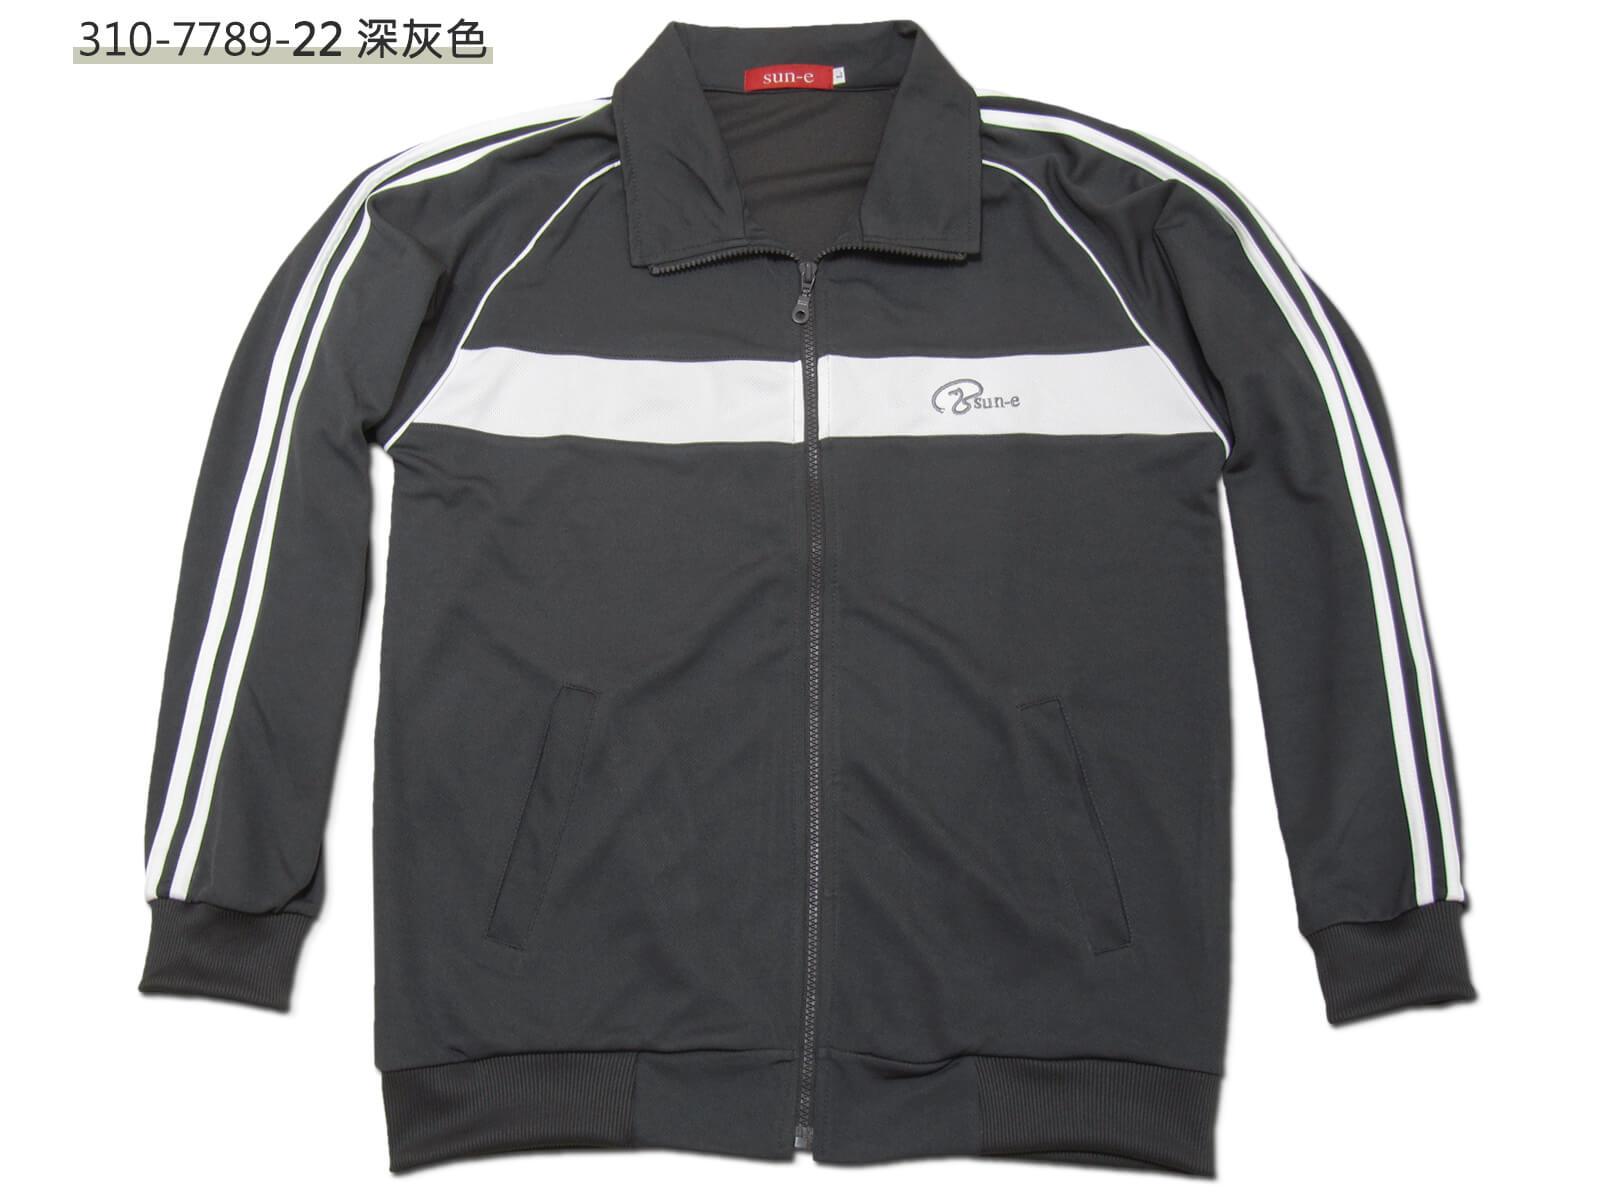 sun-e台灣製吸濕排汗薄外套、運動外套、單層薄外套、防曬外套、手臂配色織帶(310-7789-08)深藍色、(310-7789-21)黑色、(310-7789-22)深灰色 尺寸:L XL(胸圍:44~46英吋)(男女可穿) [實體店面保障] 5